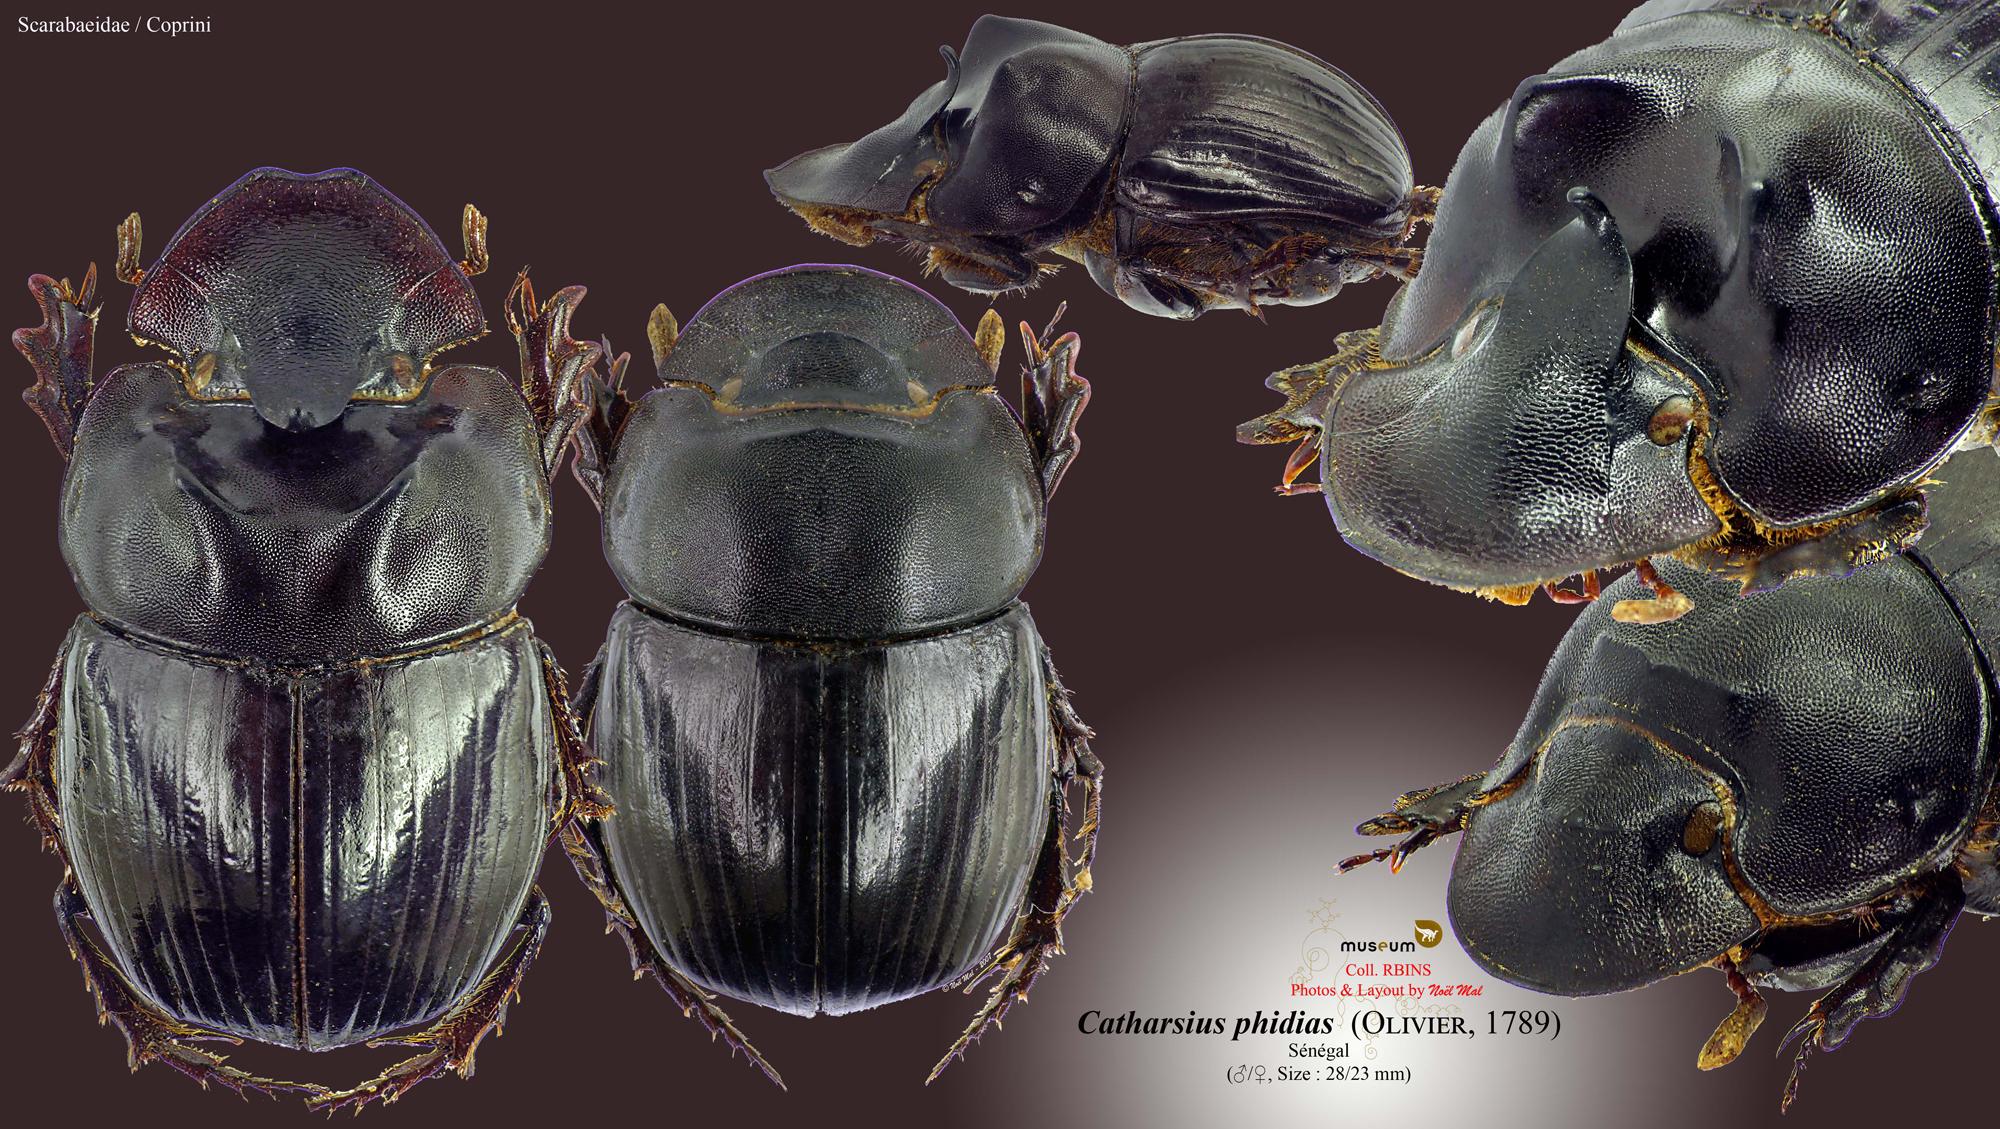 Catharsius phidias.jpg